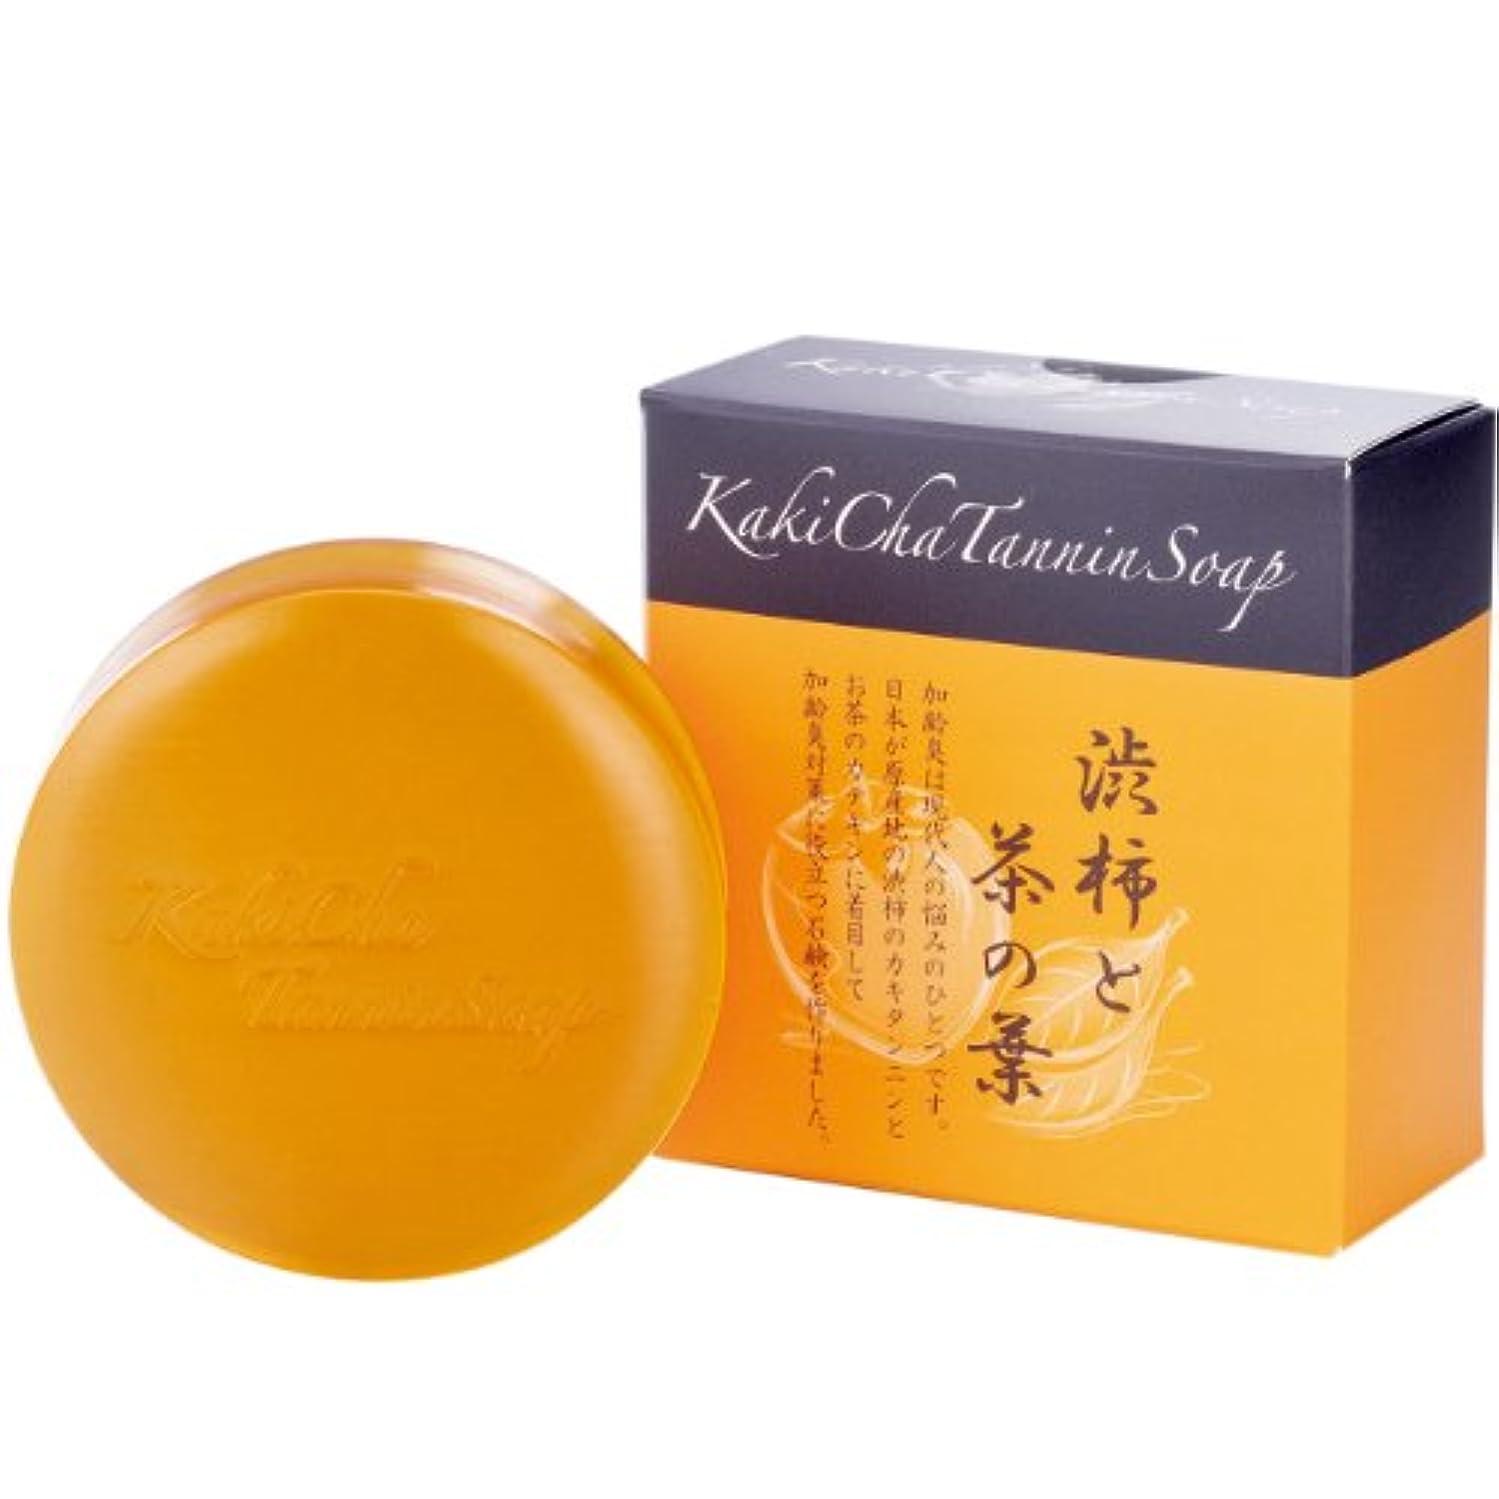 素晴らしき小間証拠リフレ 柿茶タンニンソープ <35023>